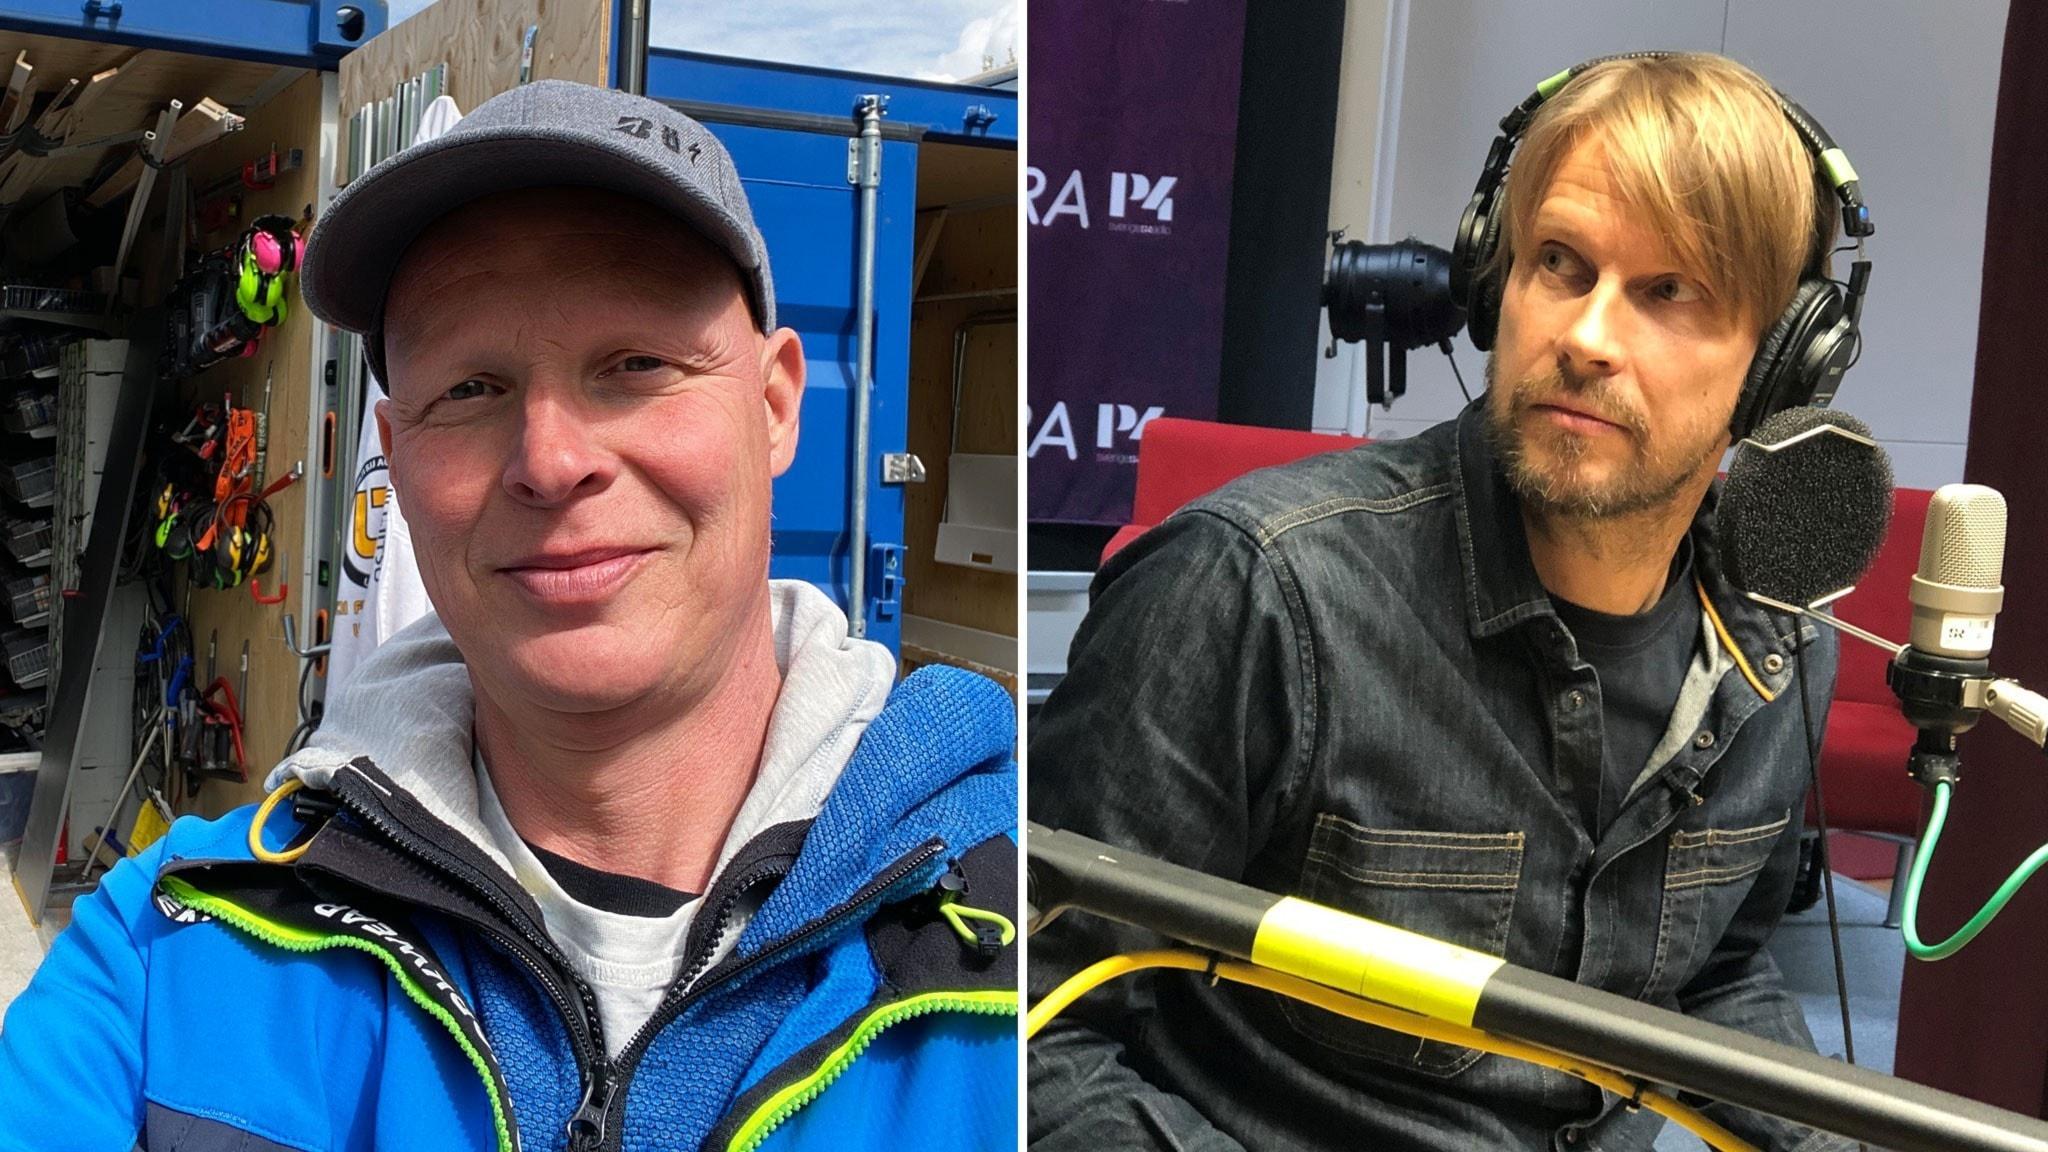 Johnnie och Mattias om det svåra i jobbet: Man går ut i skogen och skriker